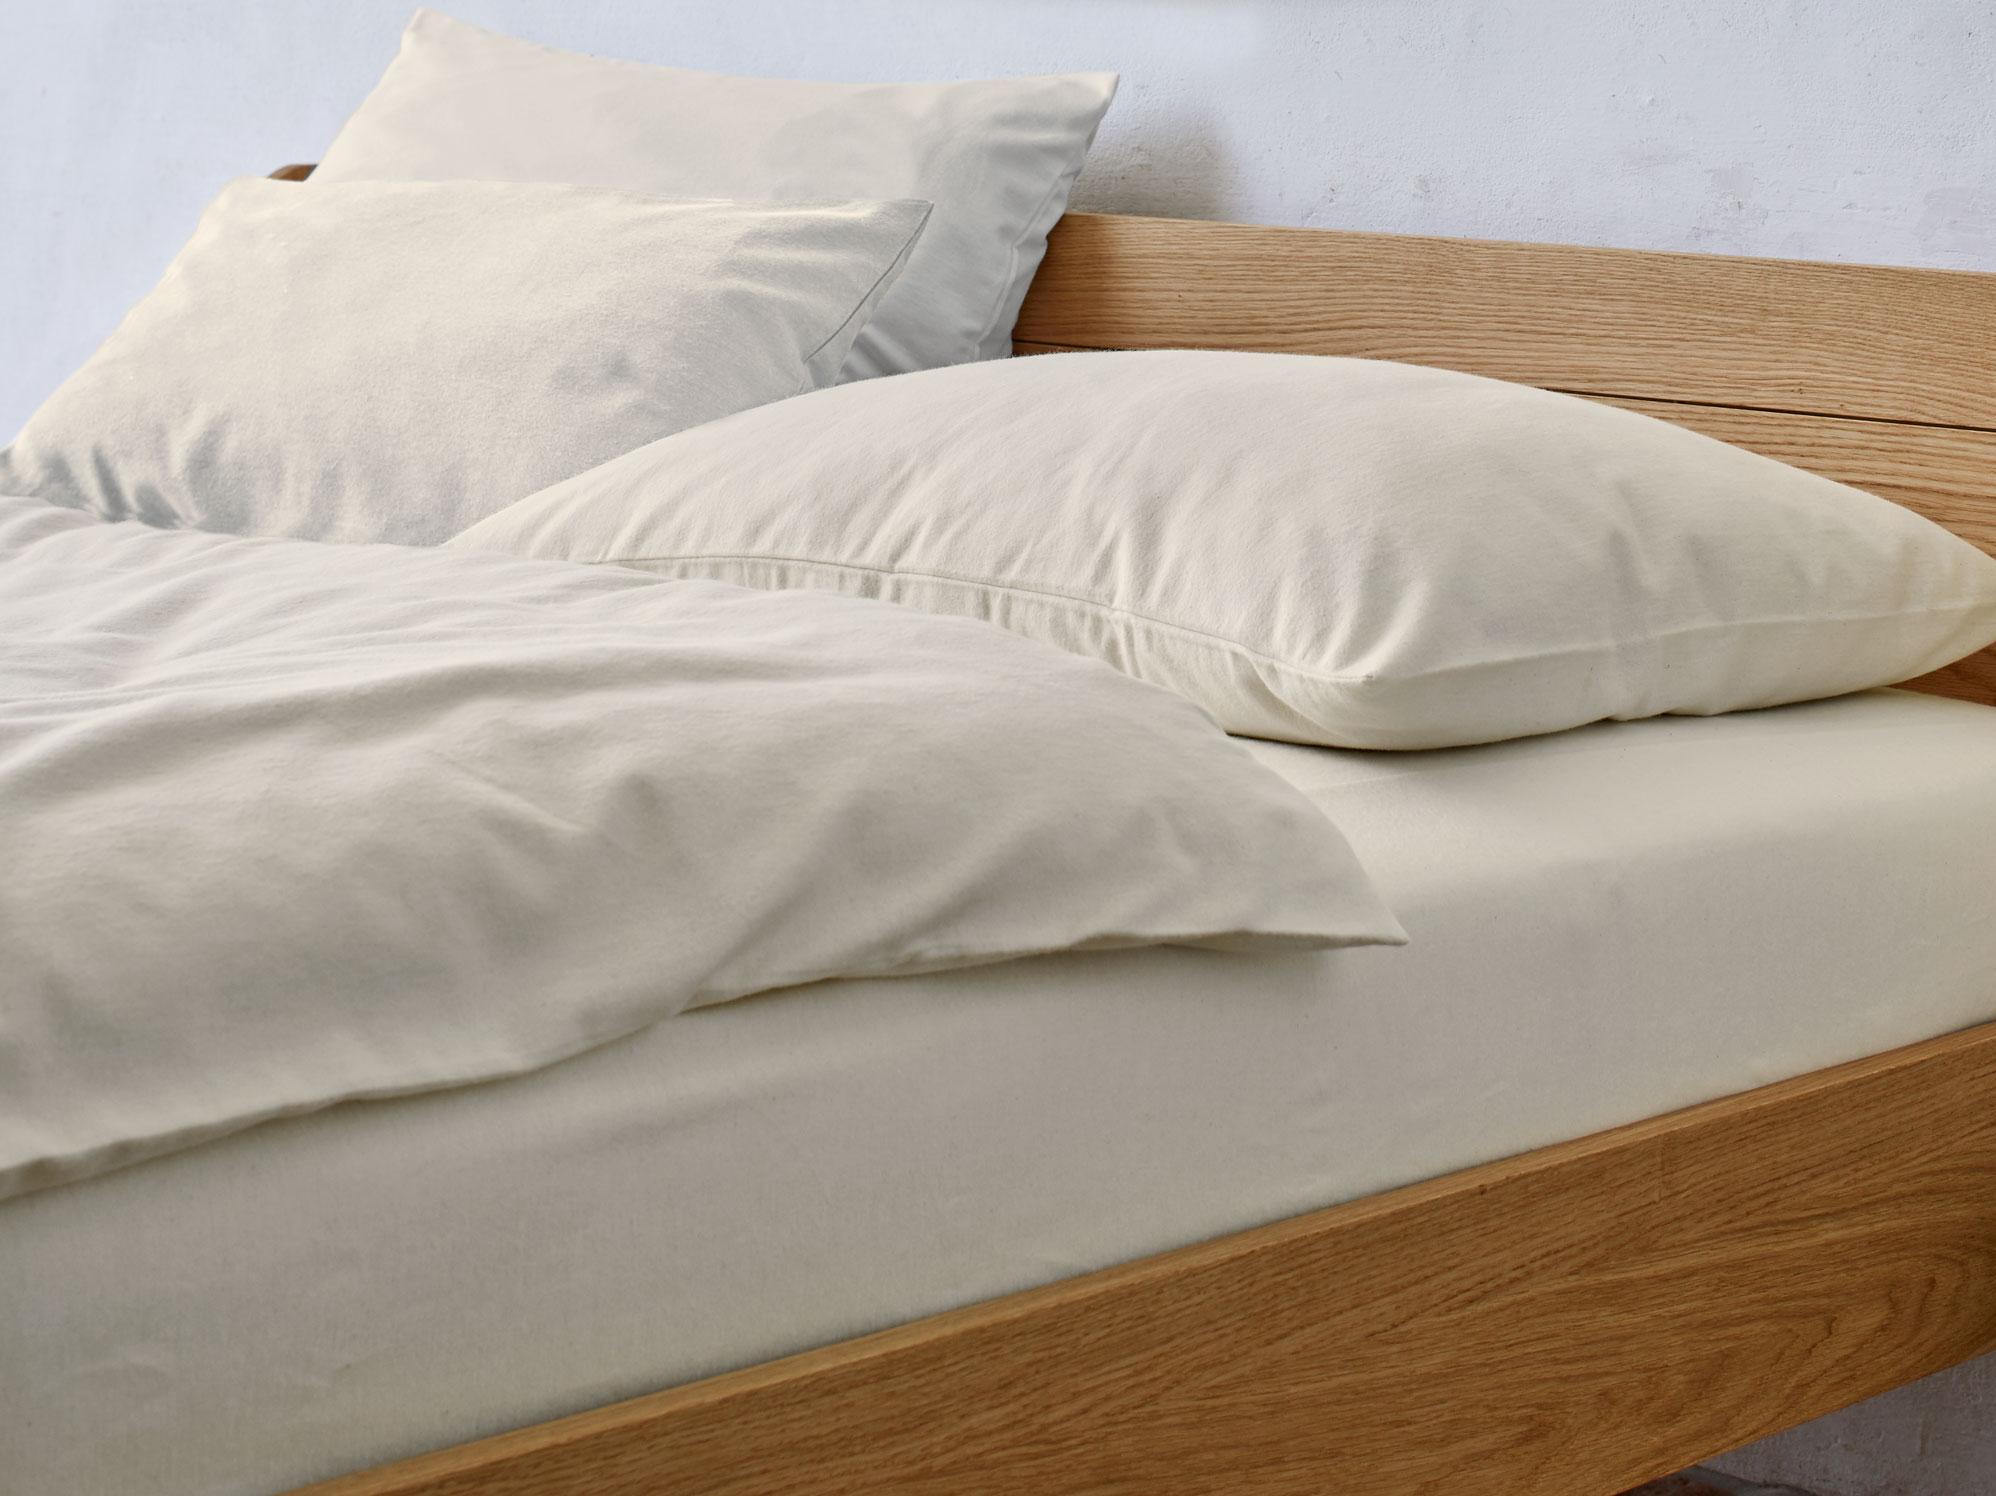 decken berzug biber flanell gr ne erde. Black Bedroom Furniture Sets. Home Design Ideas